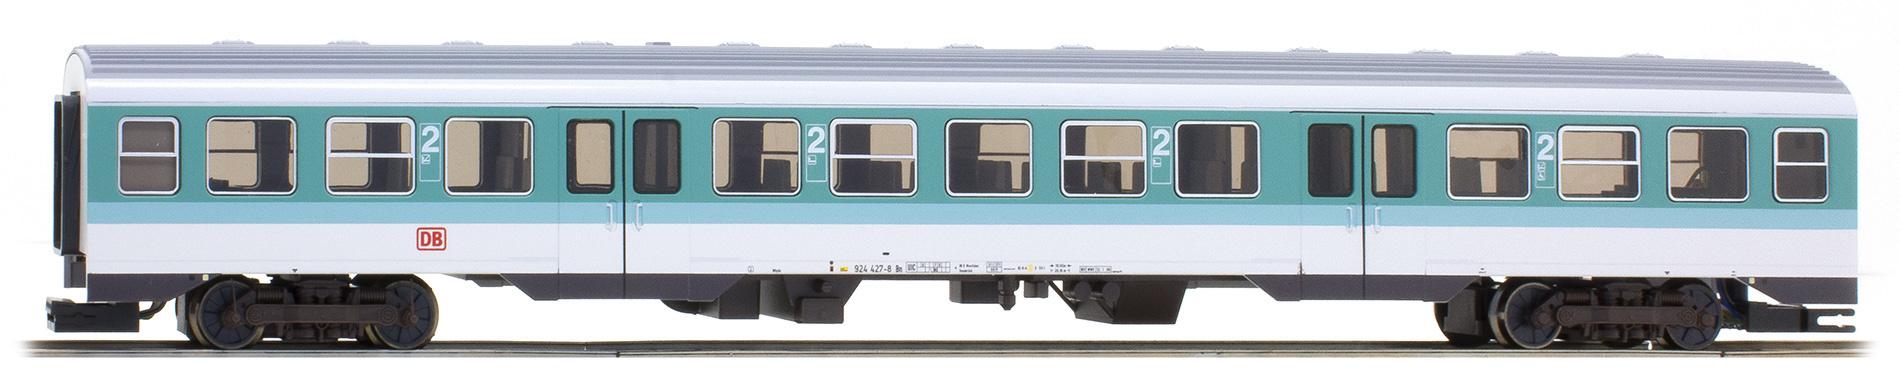 1622830 DB AG 924 427 Mittelwagen mint, 2L-GS-1